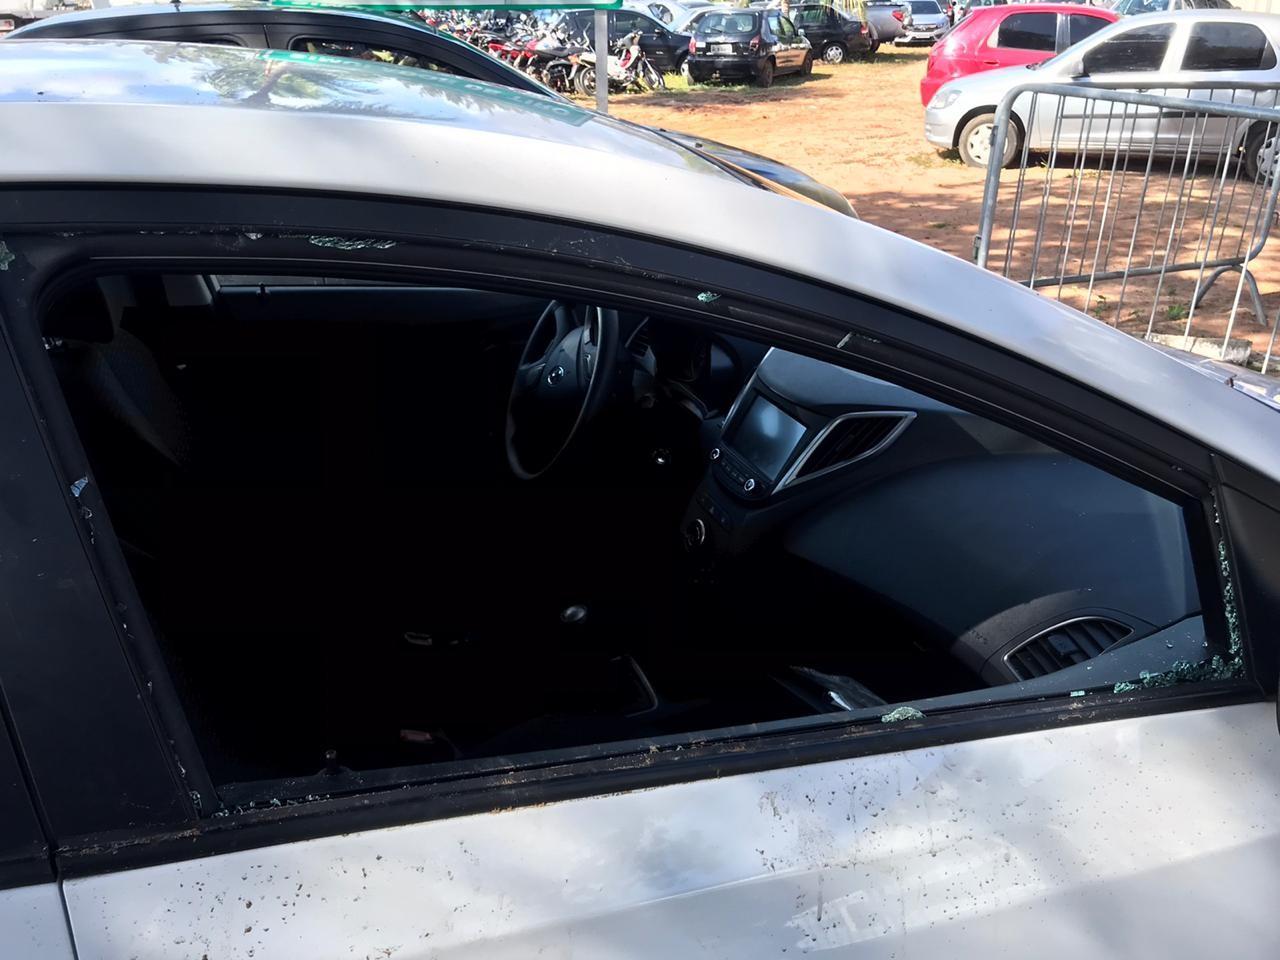 Homem quebra vidro de carro de desconhecido, entra no veículo e dorme no banco do motorista em Natal - Notícias - Plantão Diário